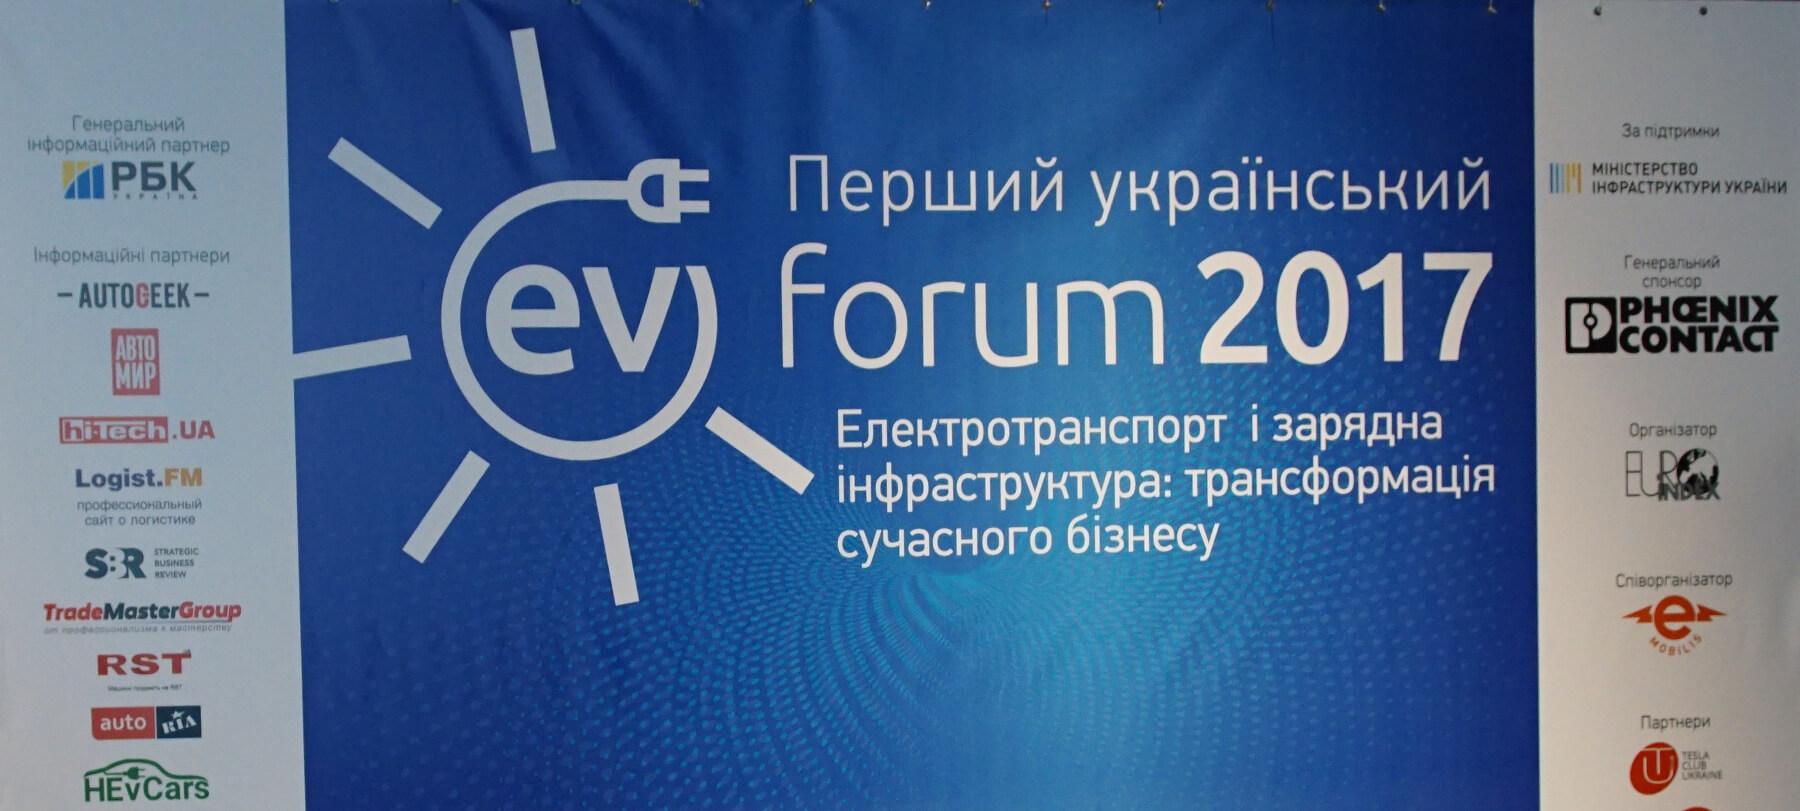 Первый украинский EVForum «Электротранспорт изарядная инфраструктура: трансформация современного бизнеса»